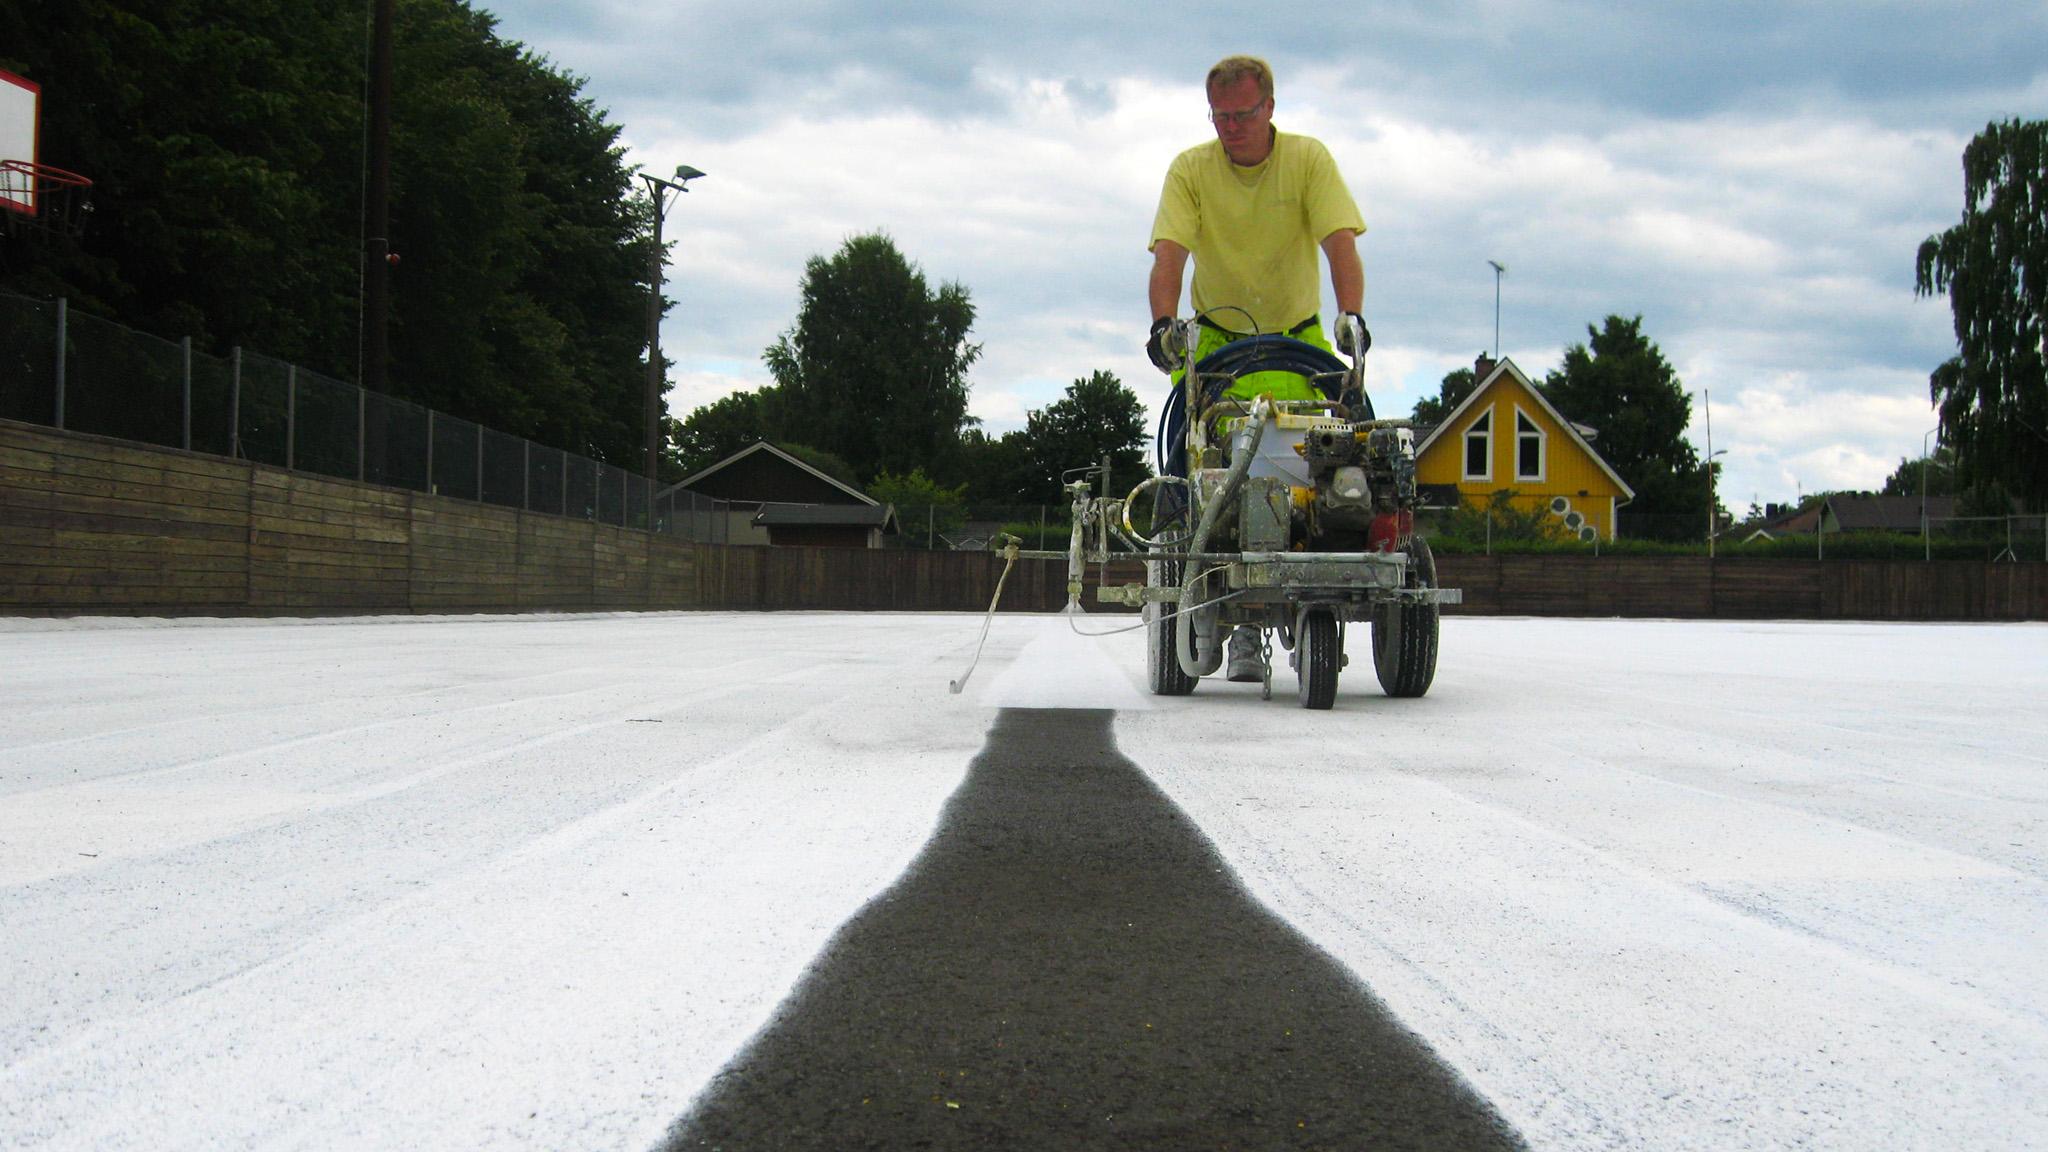 Tillsammans med Brösarps IF och Cleanosol vitmålade vi asfalten och höjde albedot så att vinterns solstrålar inte ska smälta isen lika lätt som förut.